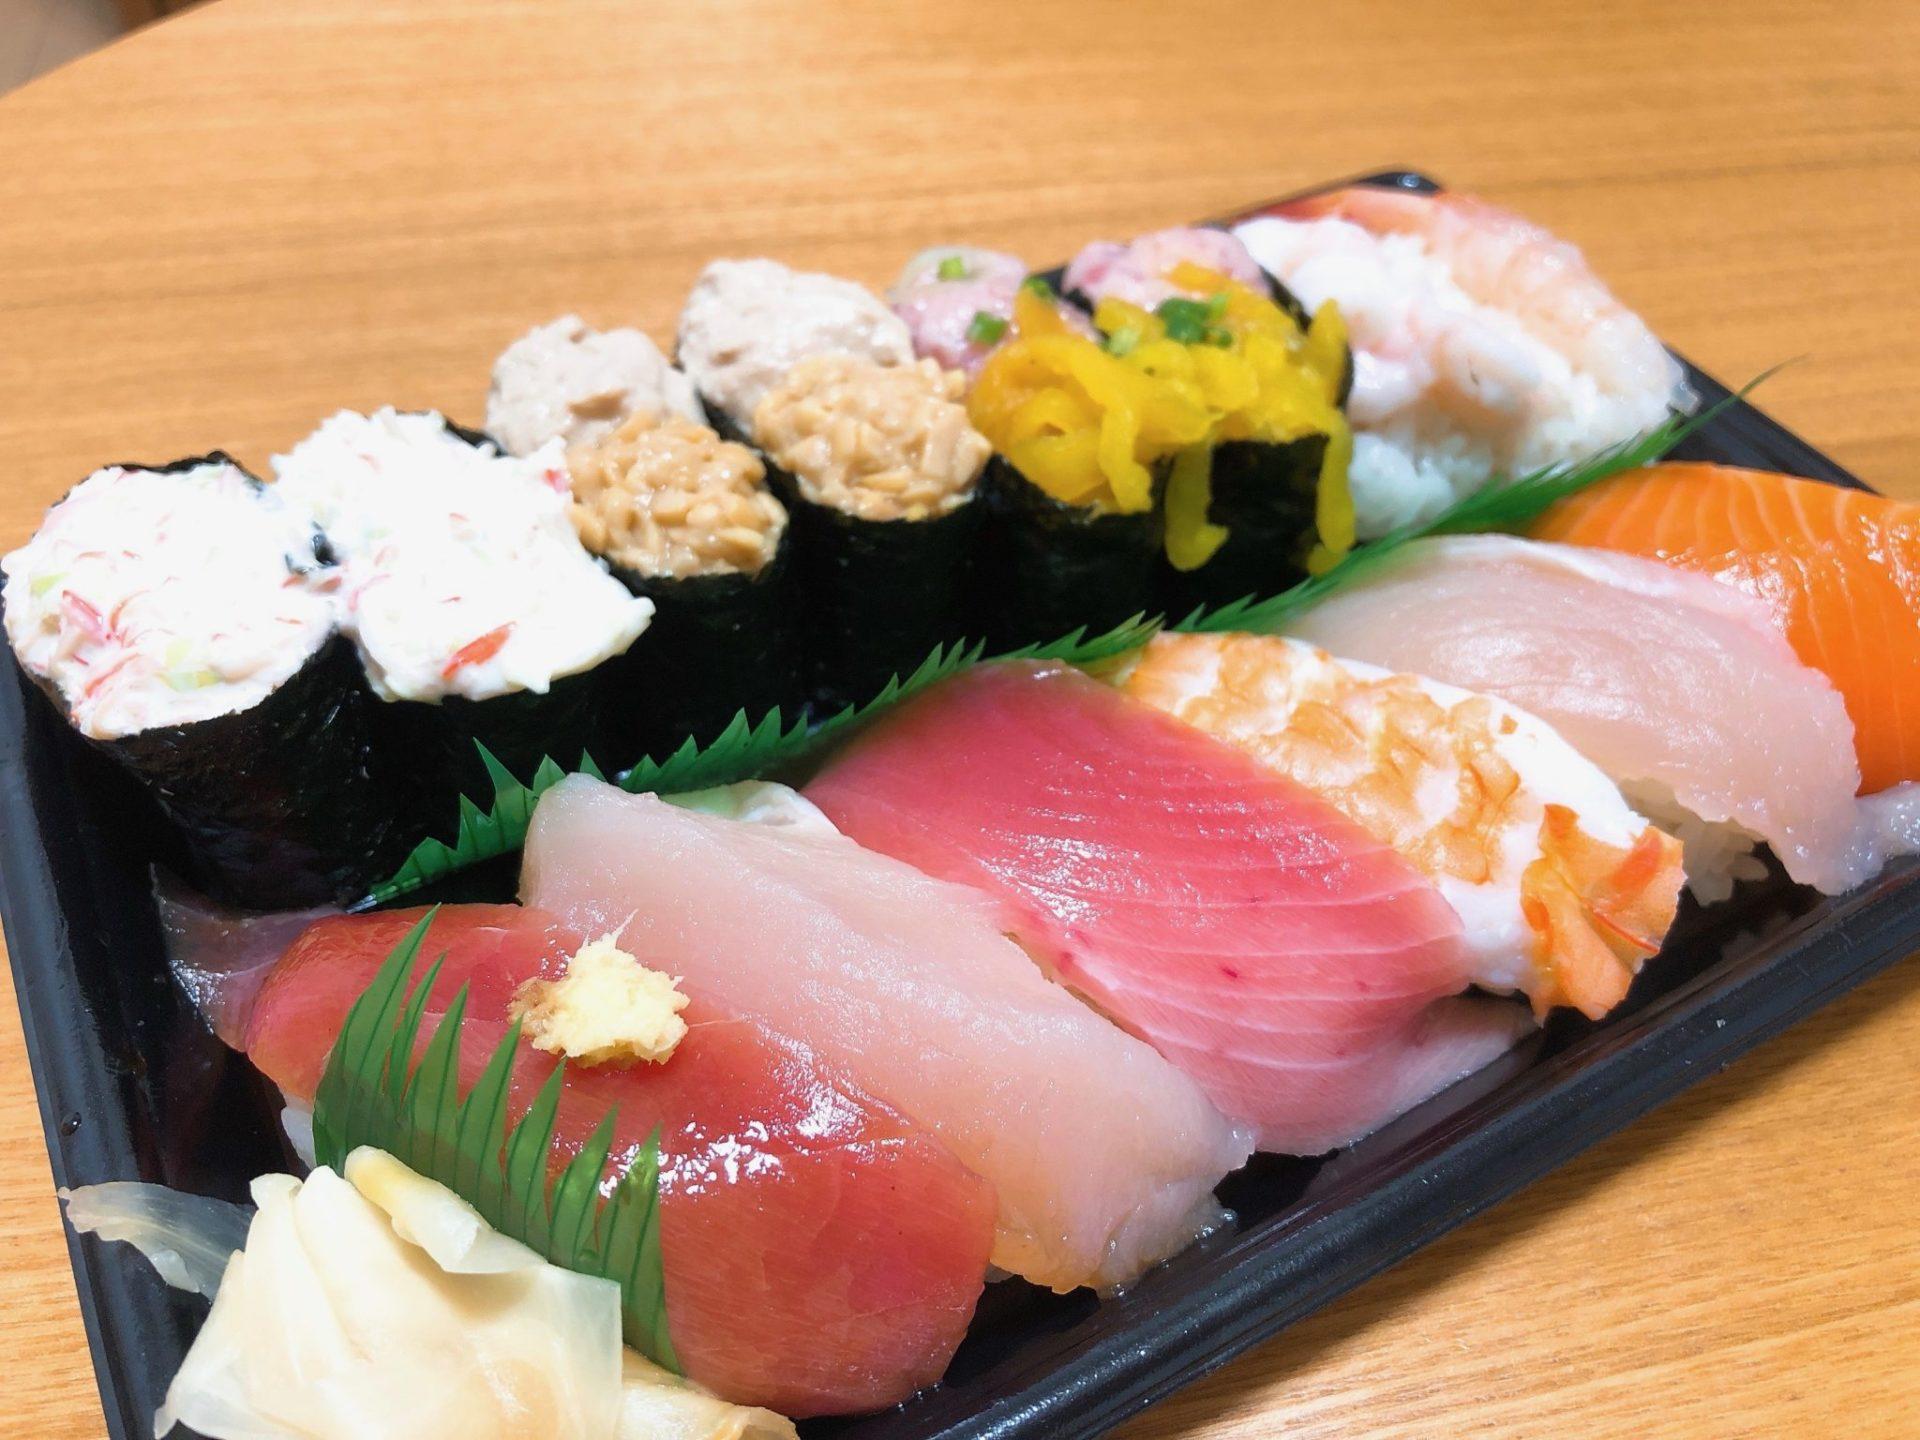 デリバリーアプリmenuメニュー海鮮三崎港のにぎり寿司 お好みすし 軍艦